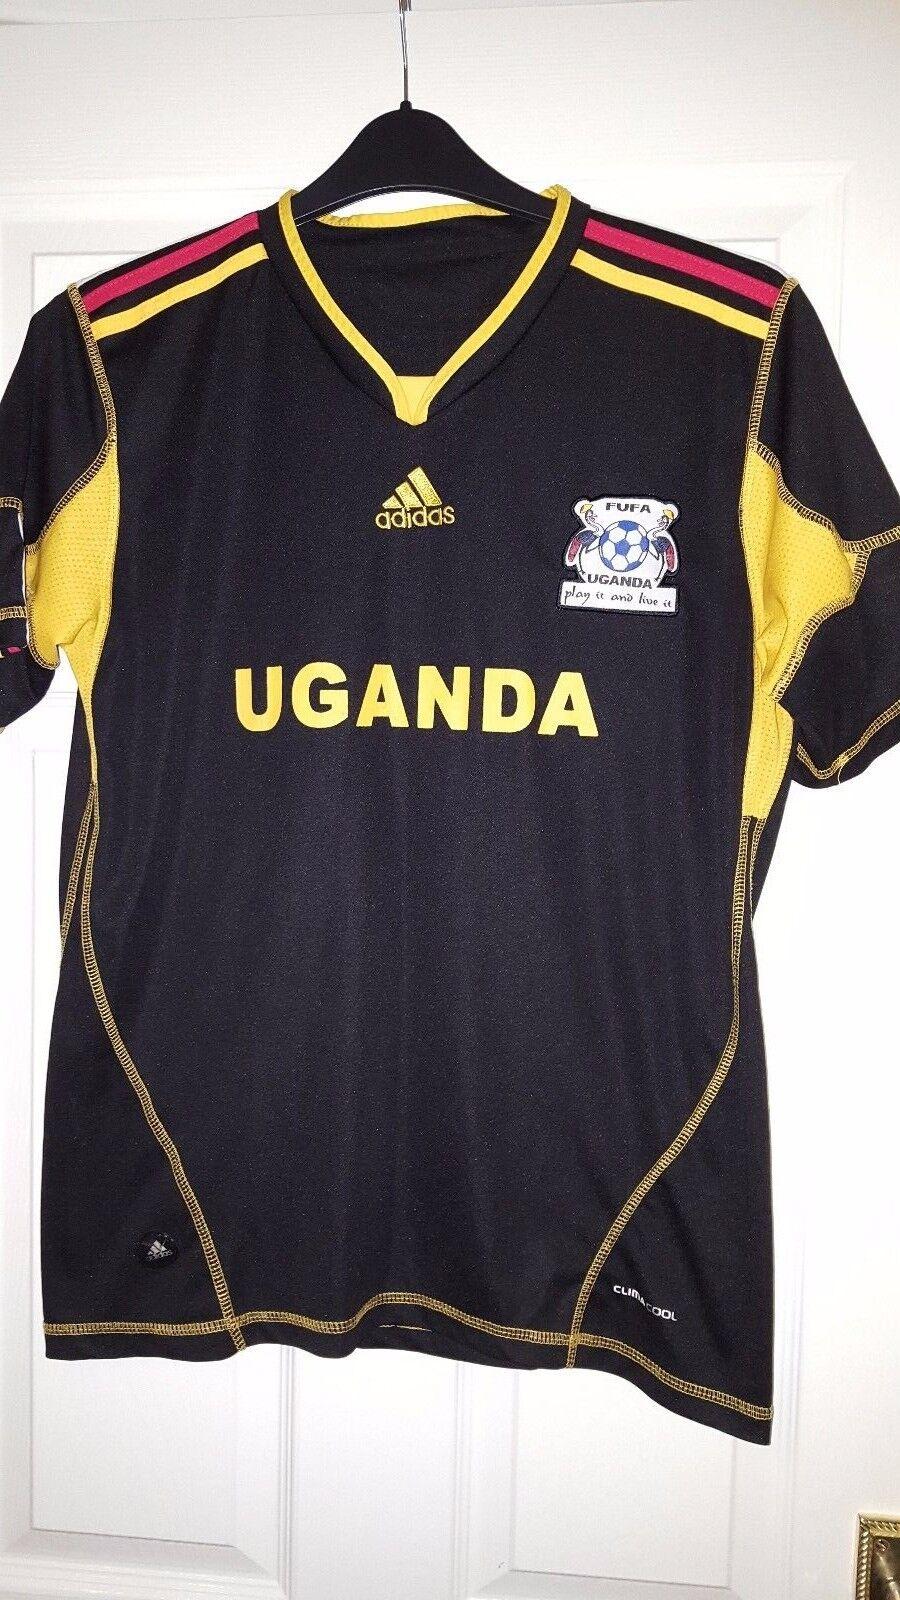 Para Hombres Camisa De Fútbol-Uganda-meta Keeper 2012-2013 - Adidas-Negro  (África)  suministro de productos de calidad